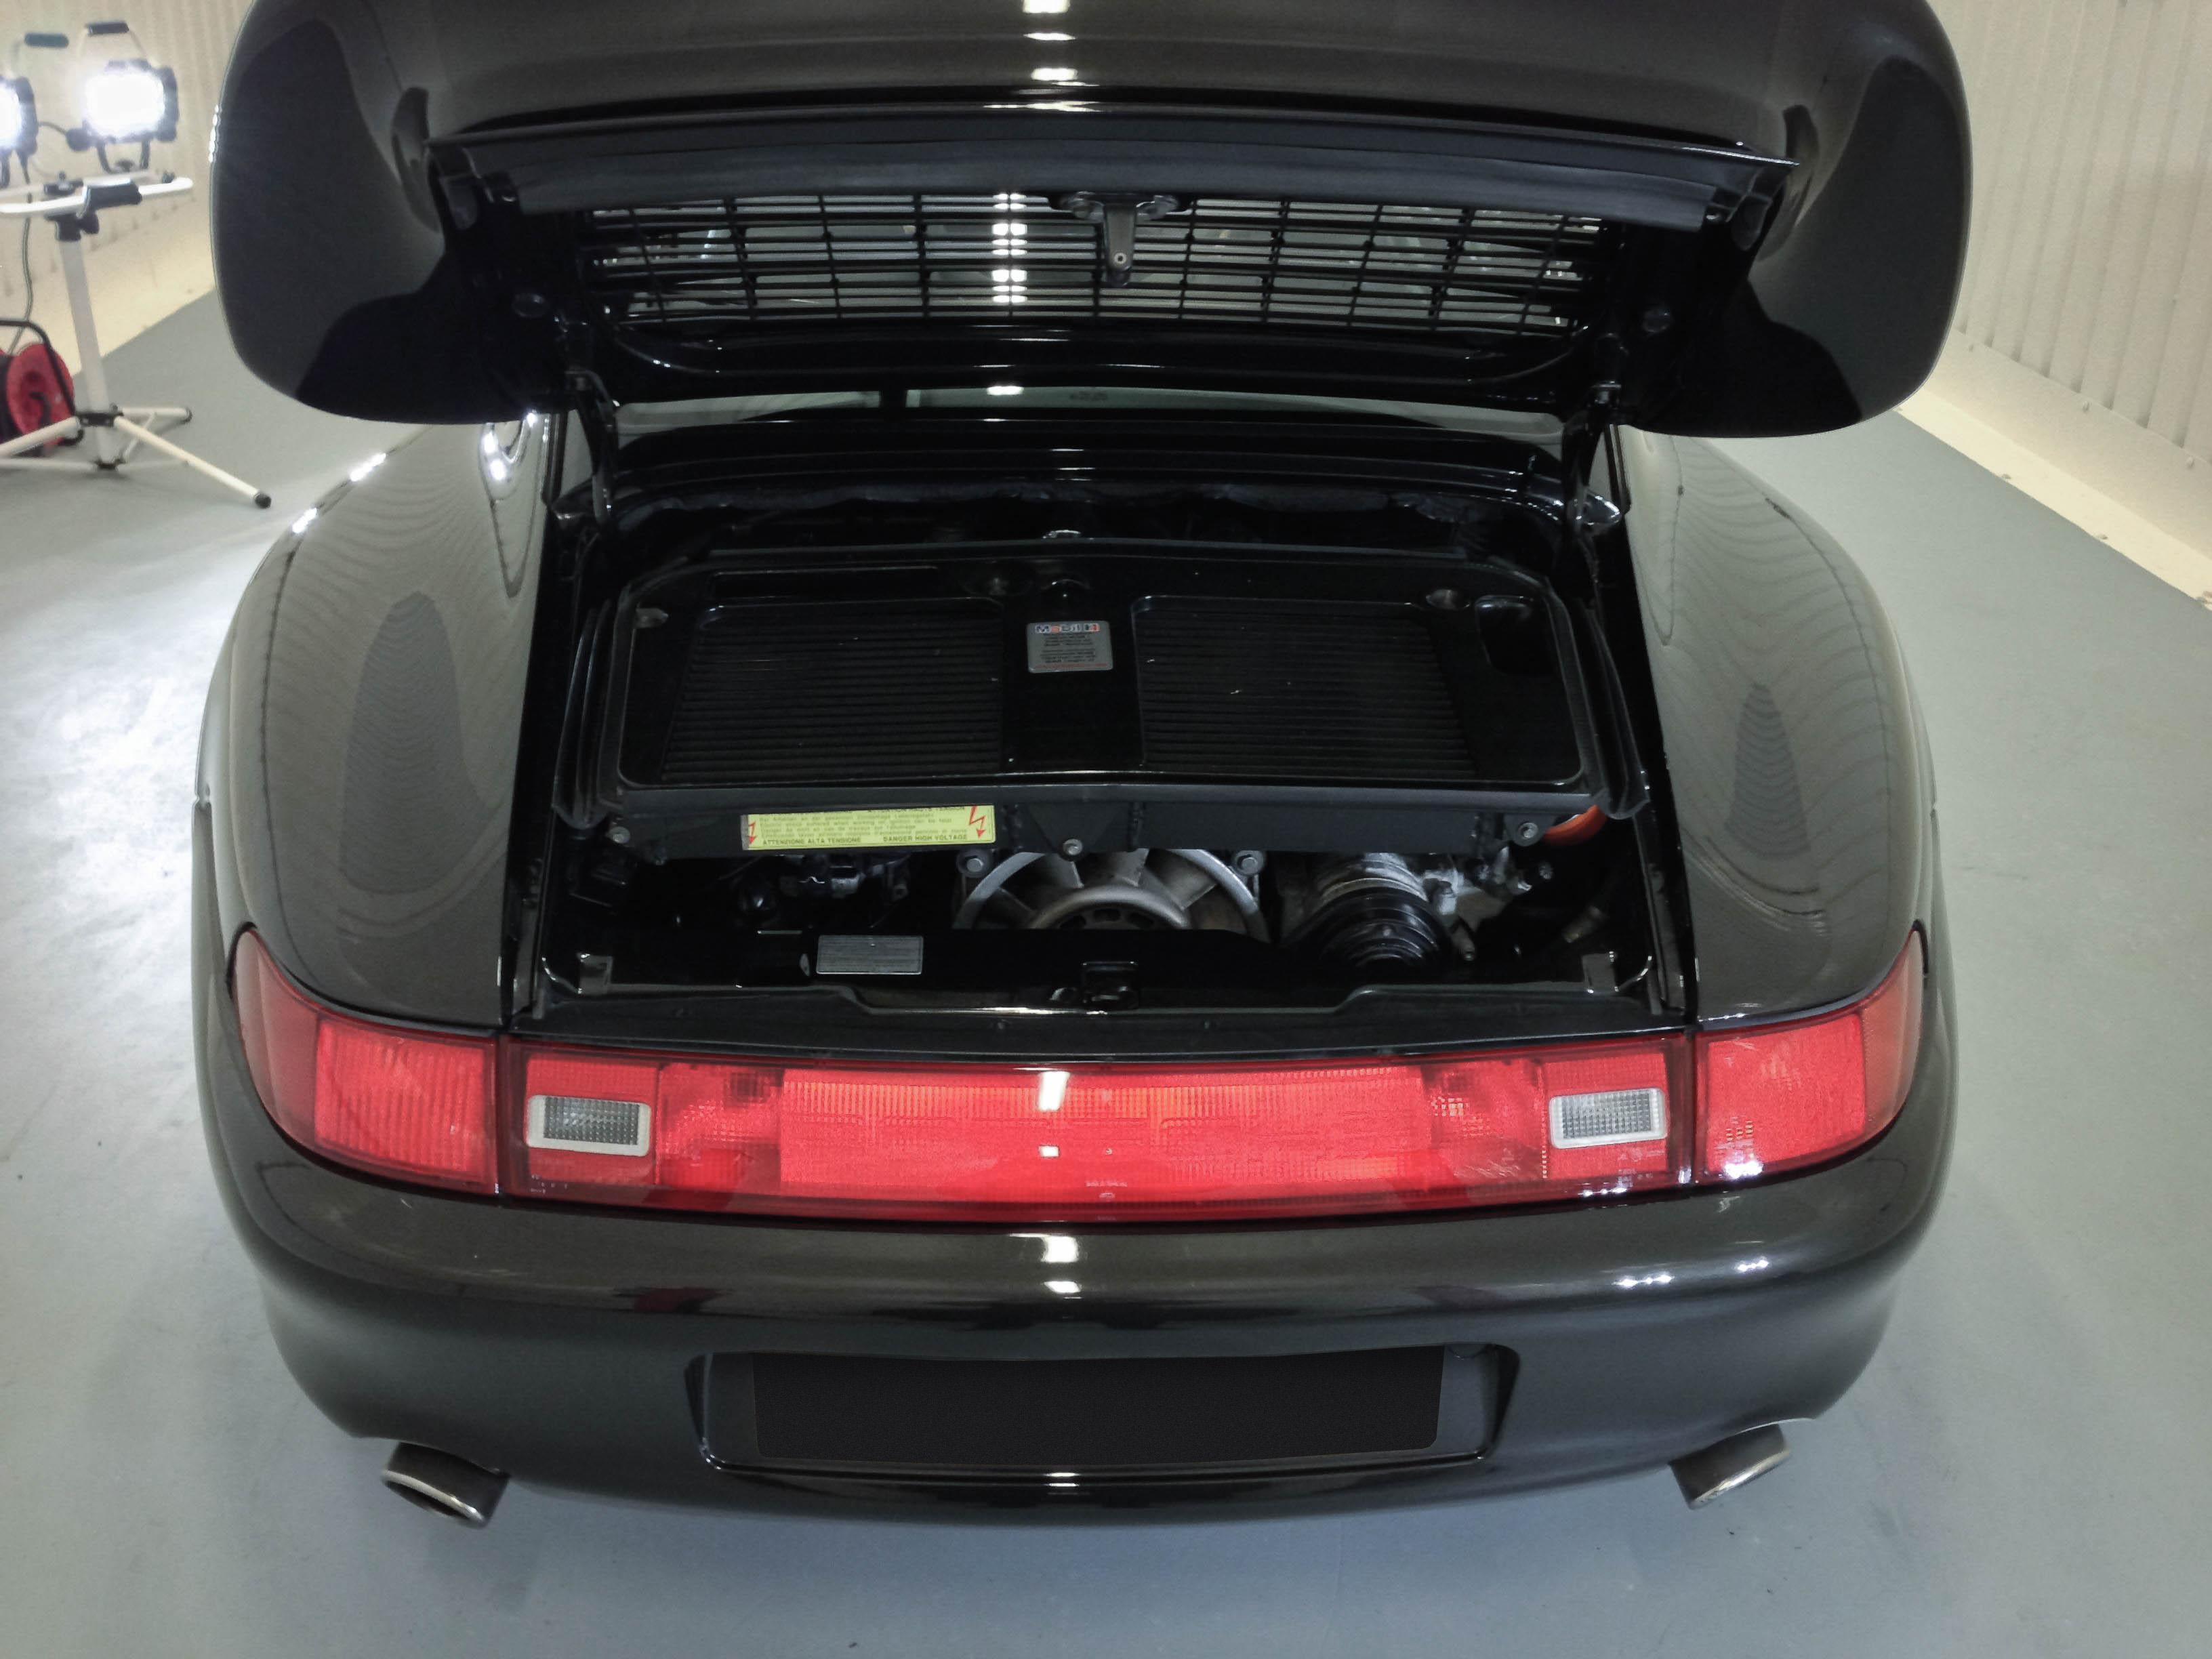 Porsche 911 Turbo – Clean engine